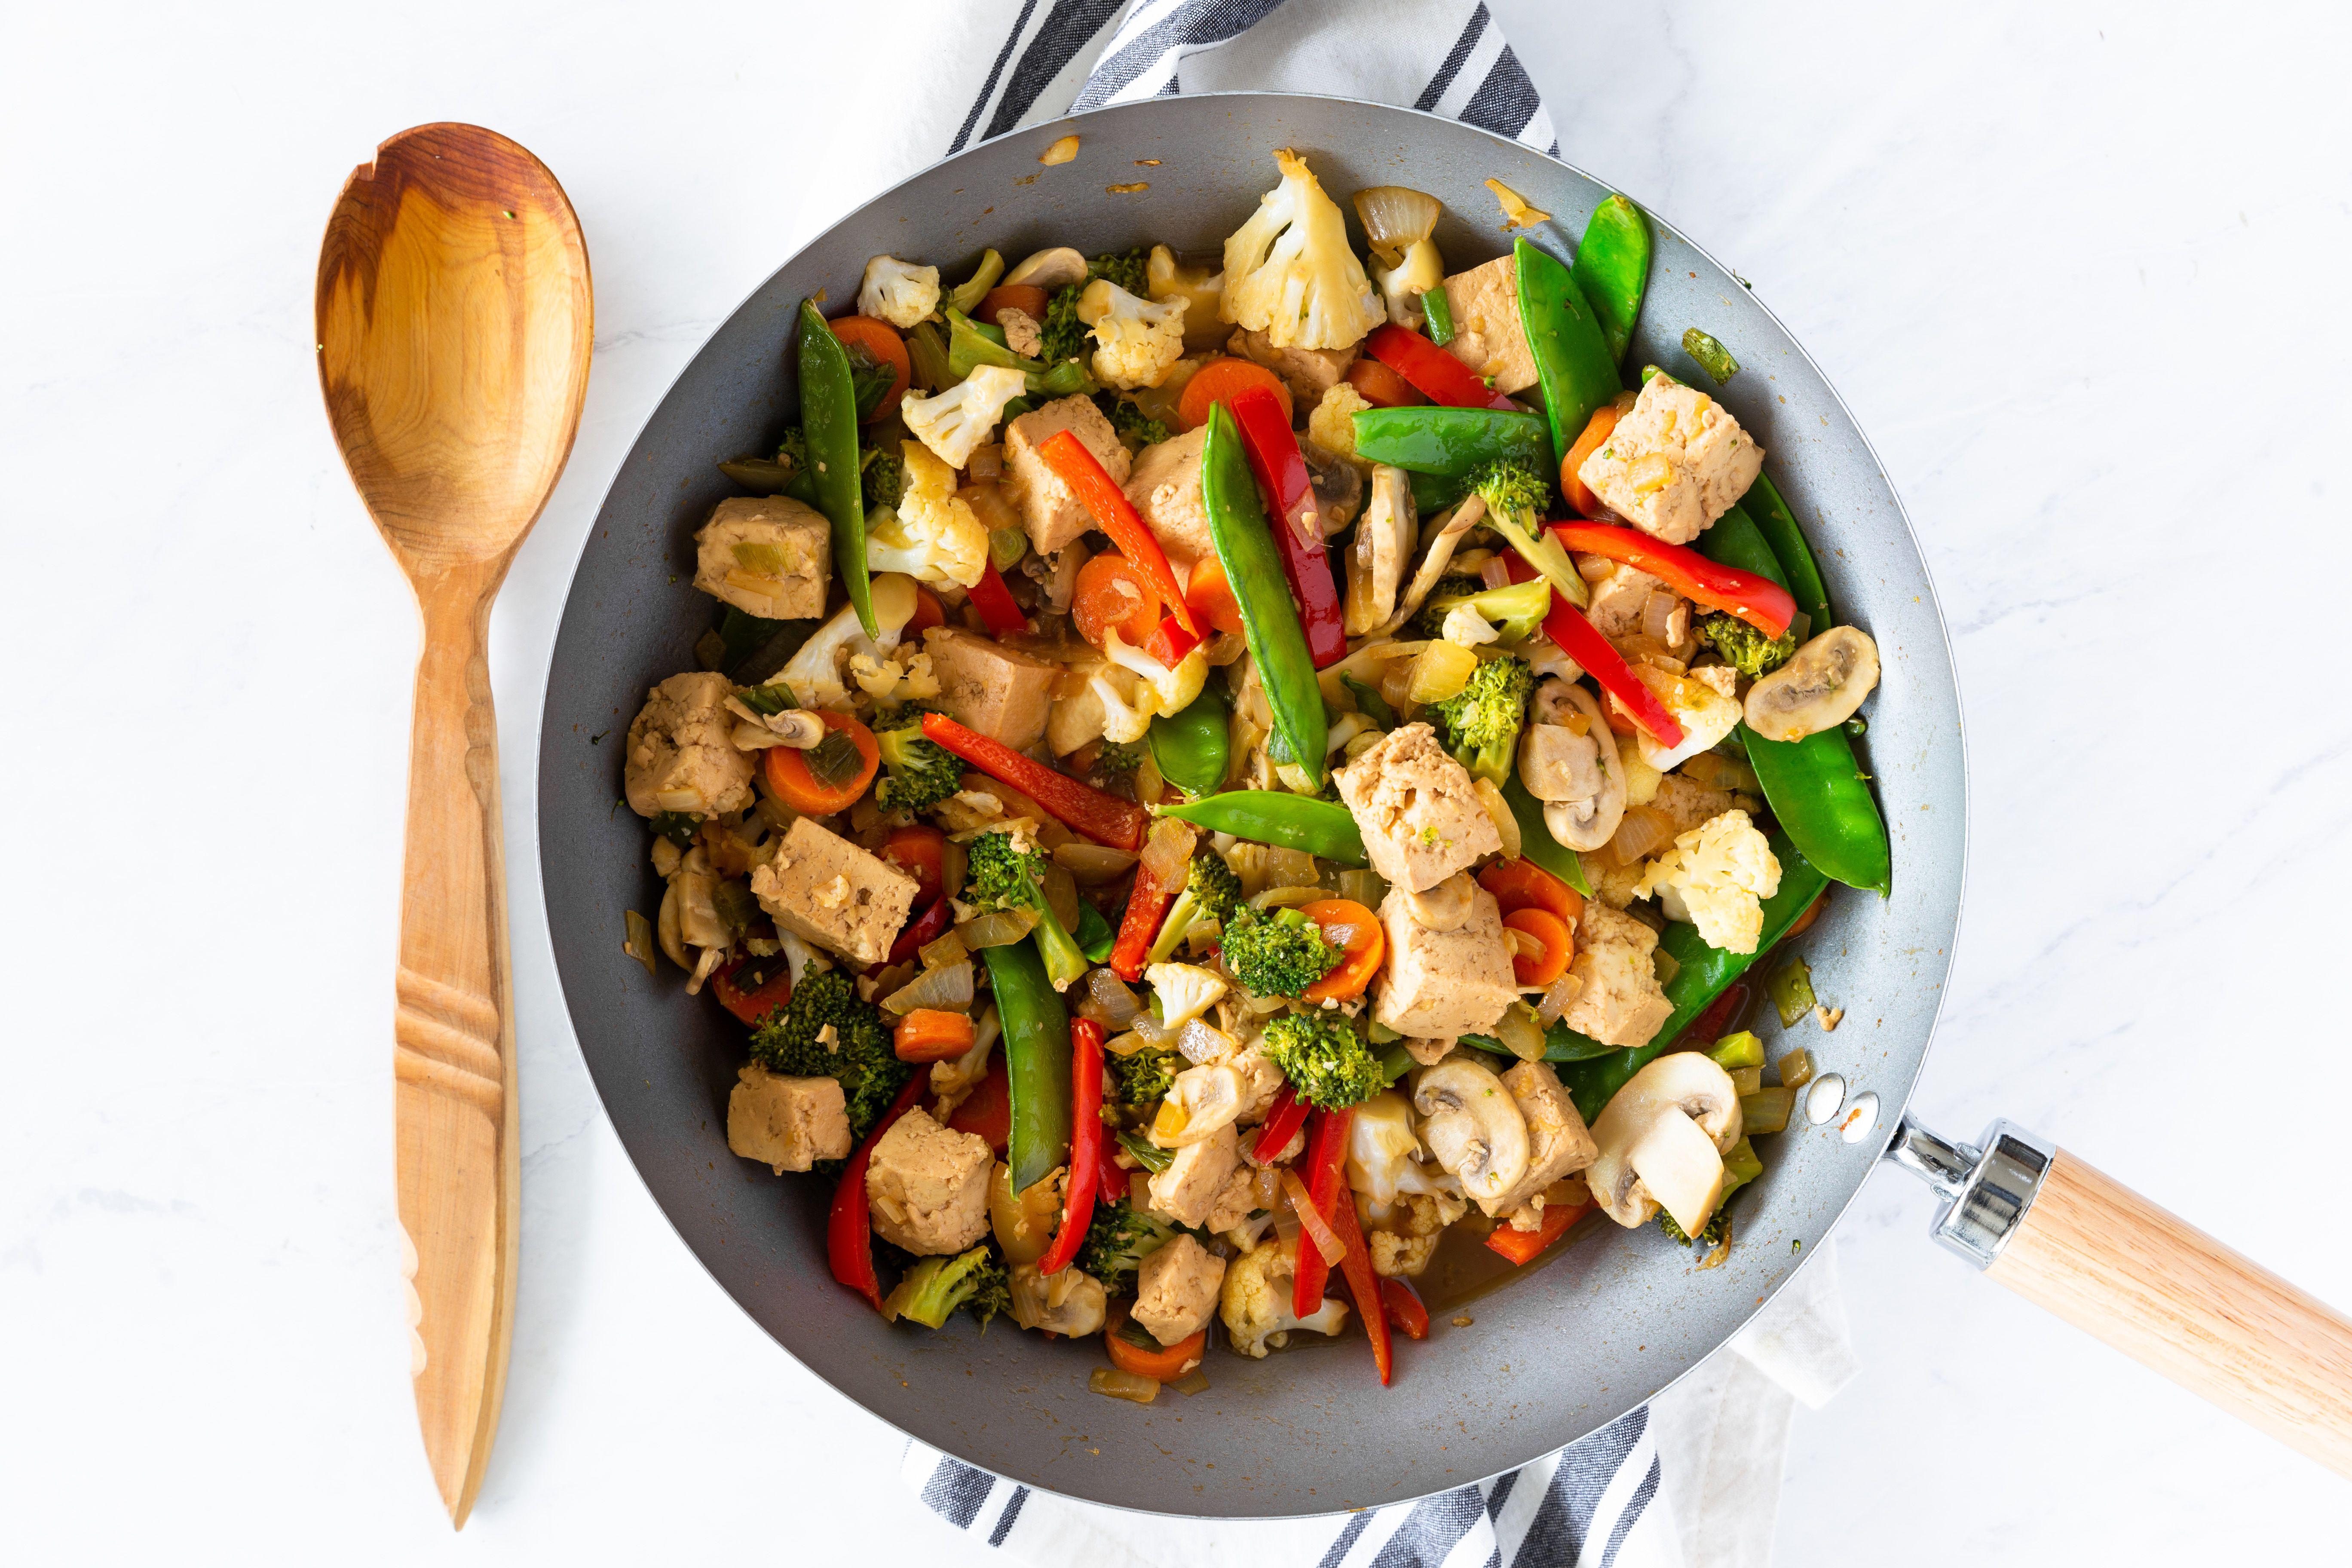 Tofu stir fry in pan